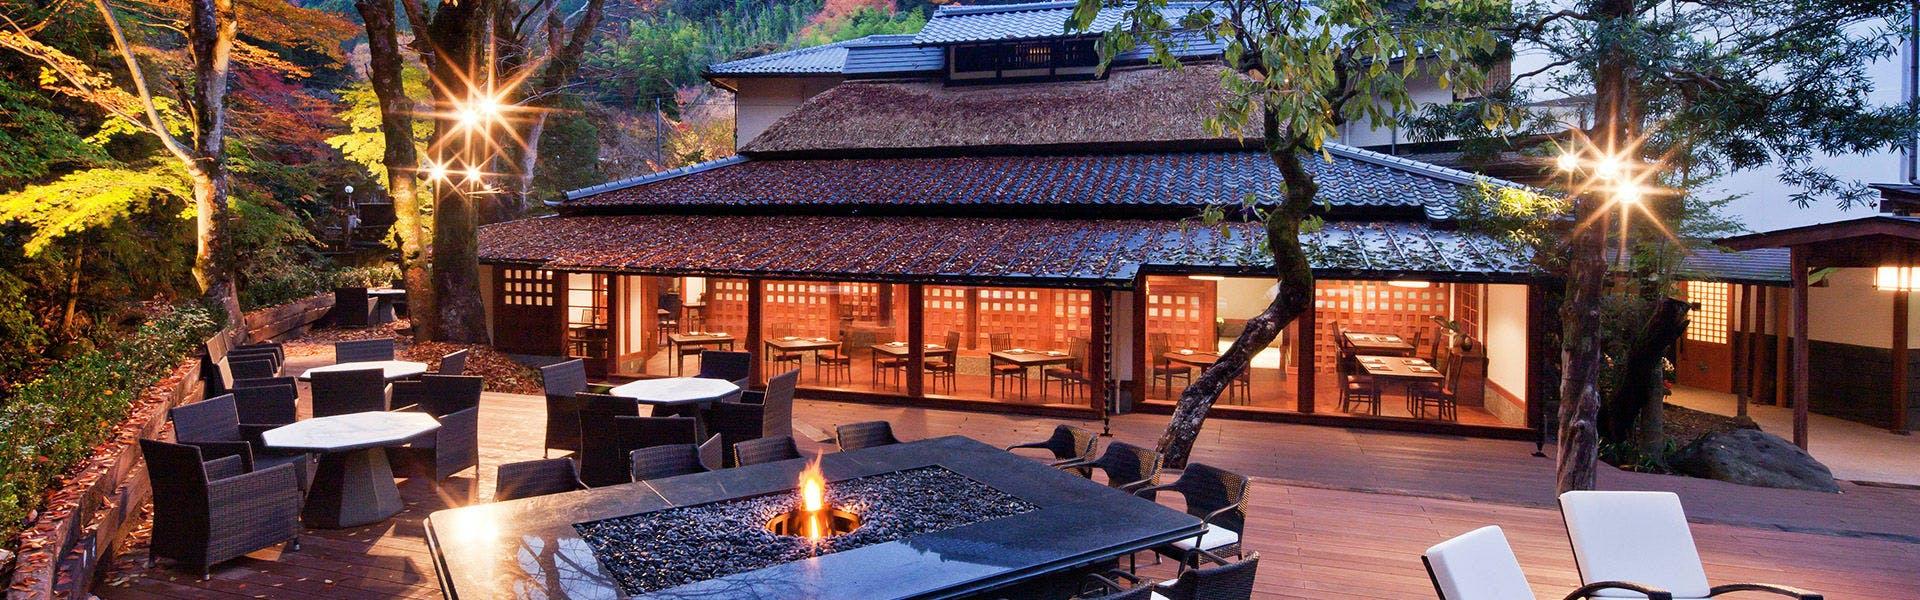 記念日におすすめのホテル・東府やResort&Spa-Izuの写真1